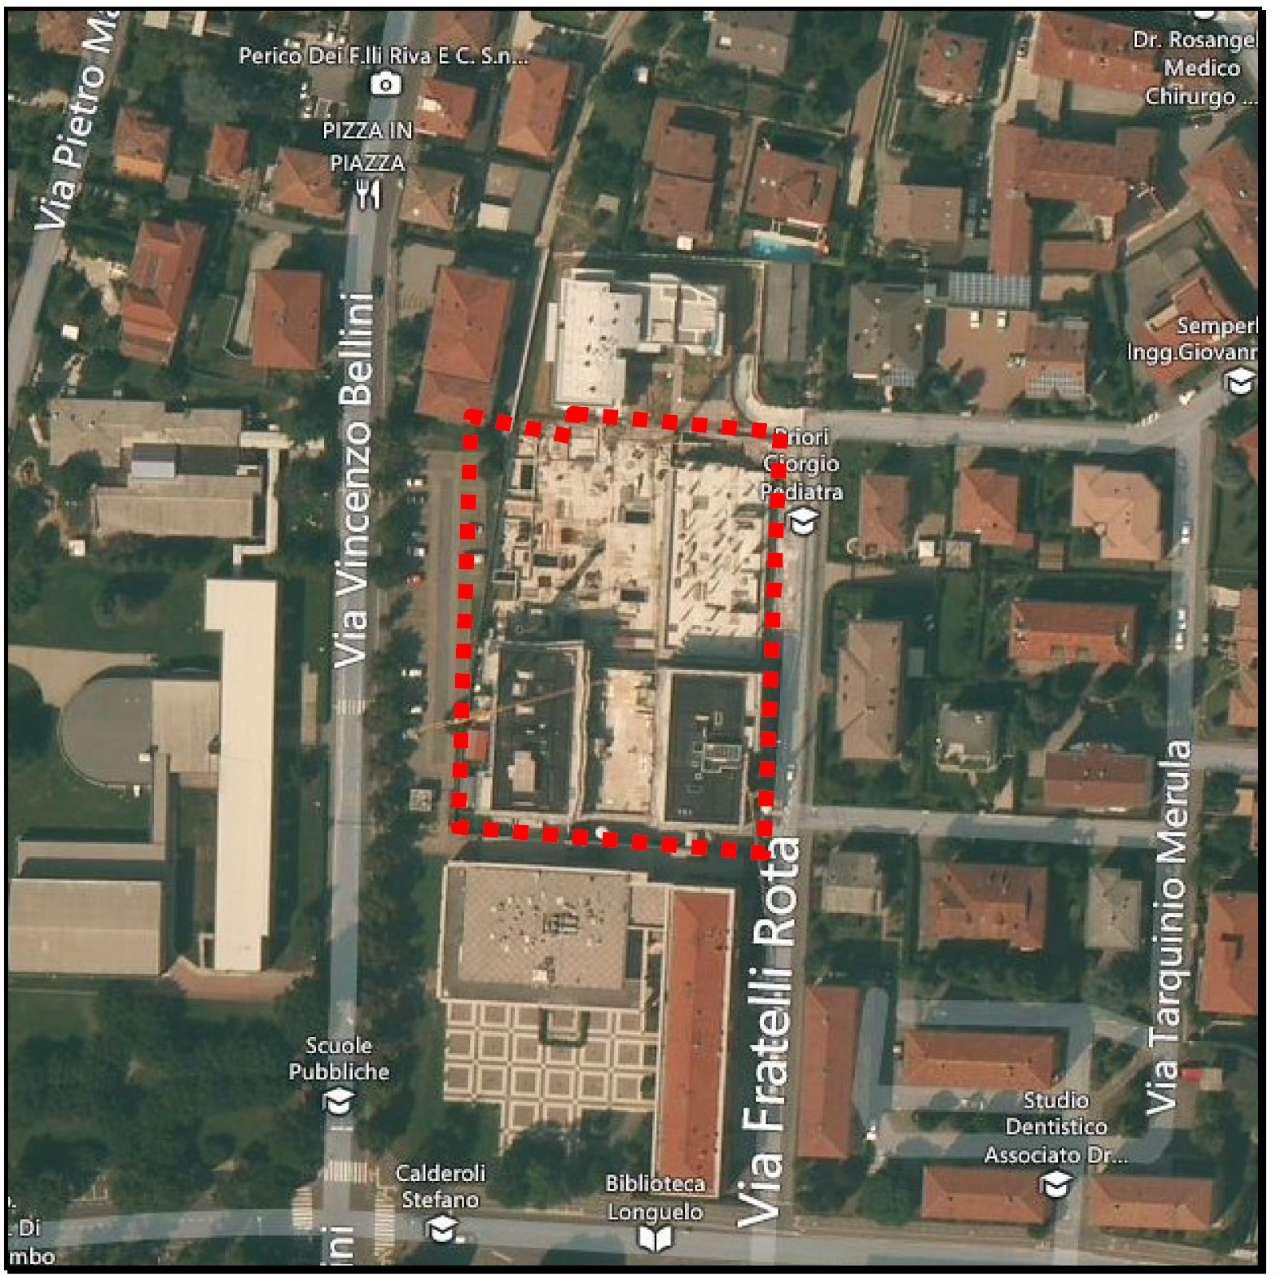 Negozio / Locale in vendita a Bergamo, 3 locali, prezzo € 1.920.000 | CambioCasa.it